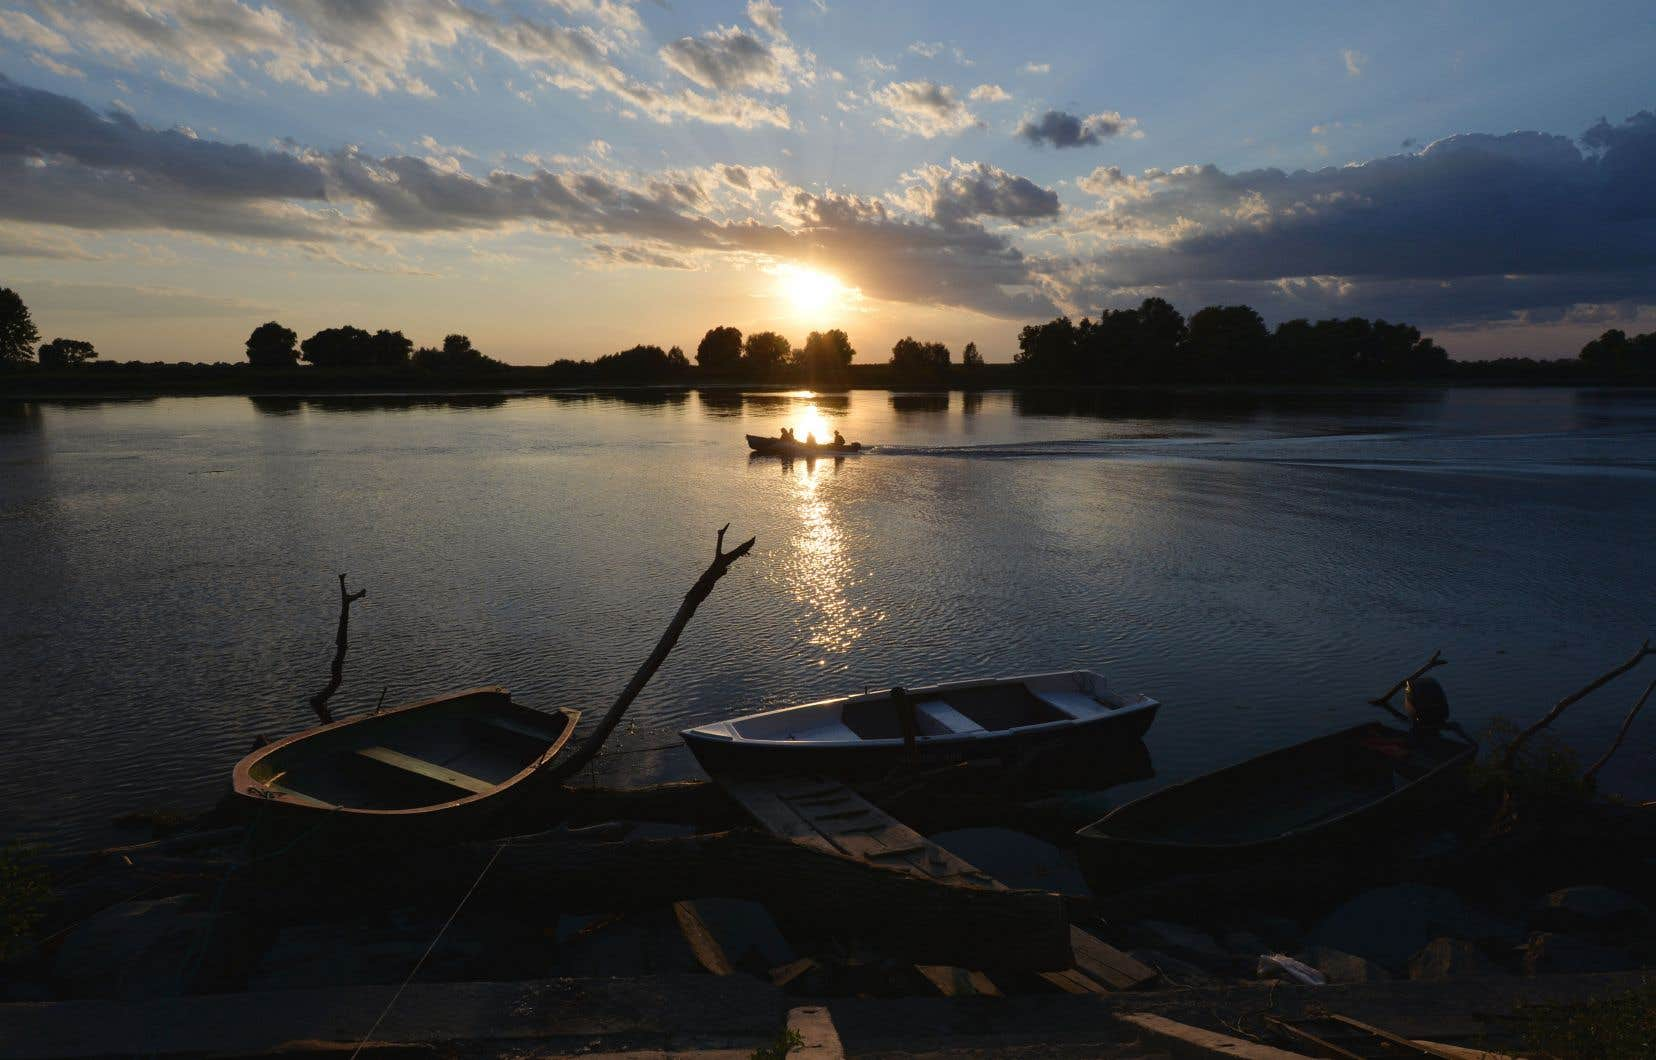 Cet itinéraire nous mènera jusqu'au delta du Danube, en Roumanie, «là où le fleuve et toutes les poussières de l'Europe viennent se mêler aux eaux de la mer».